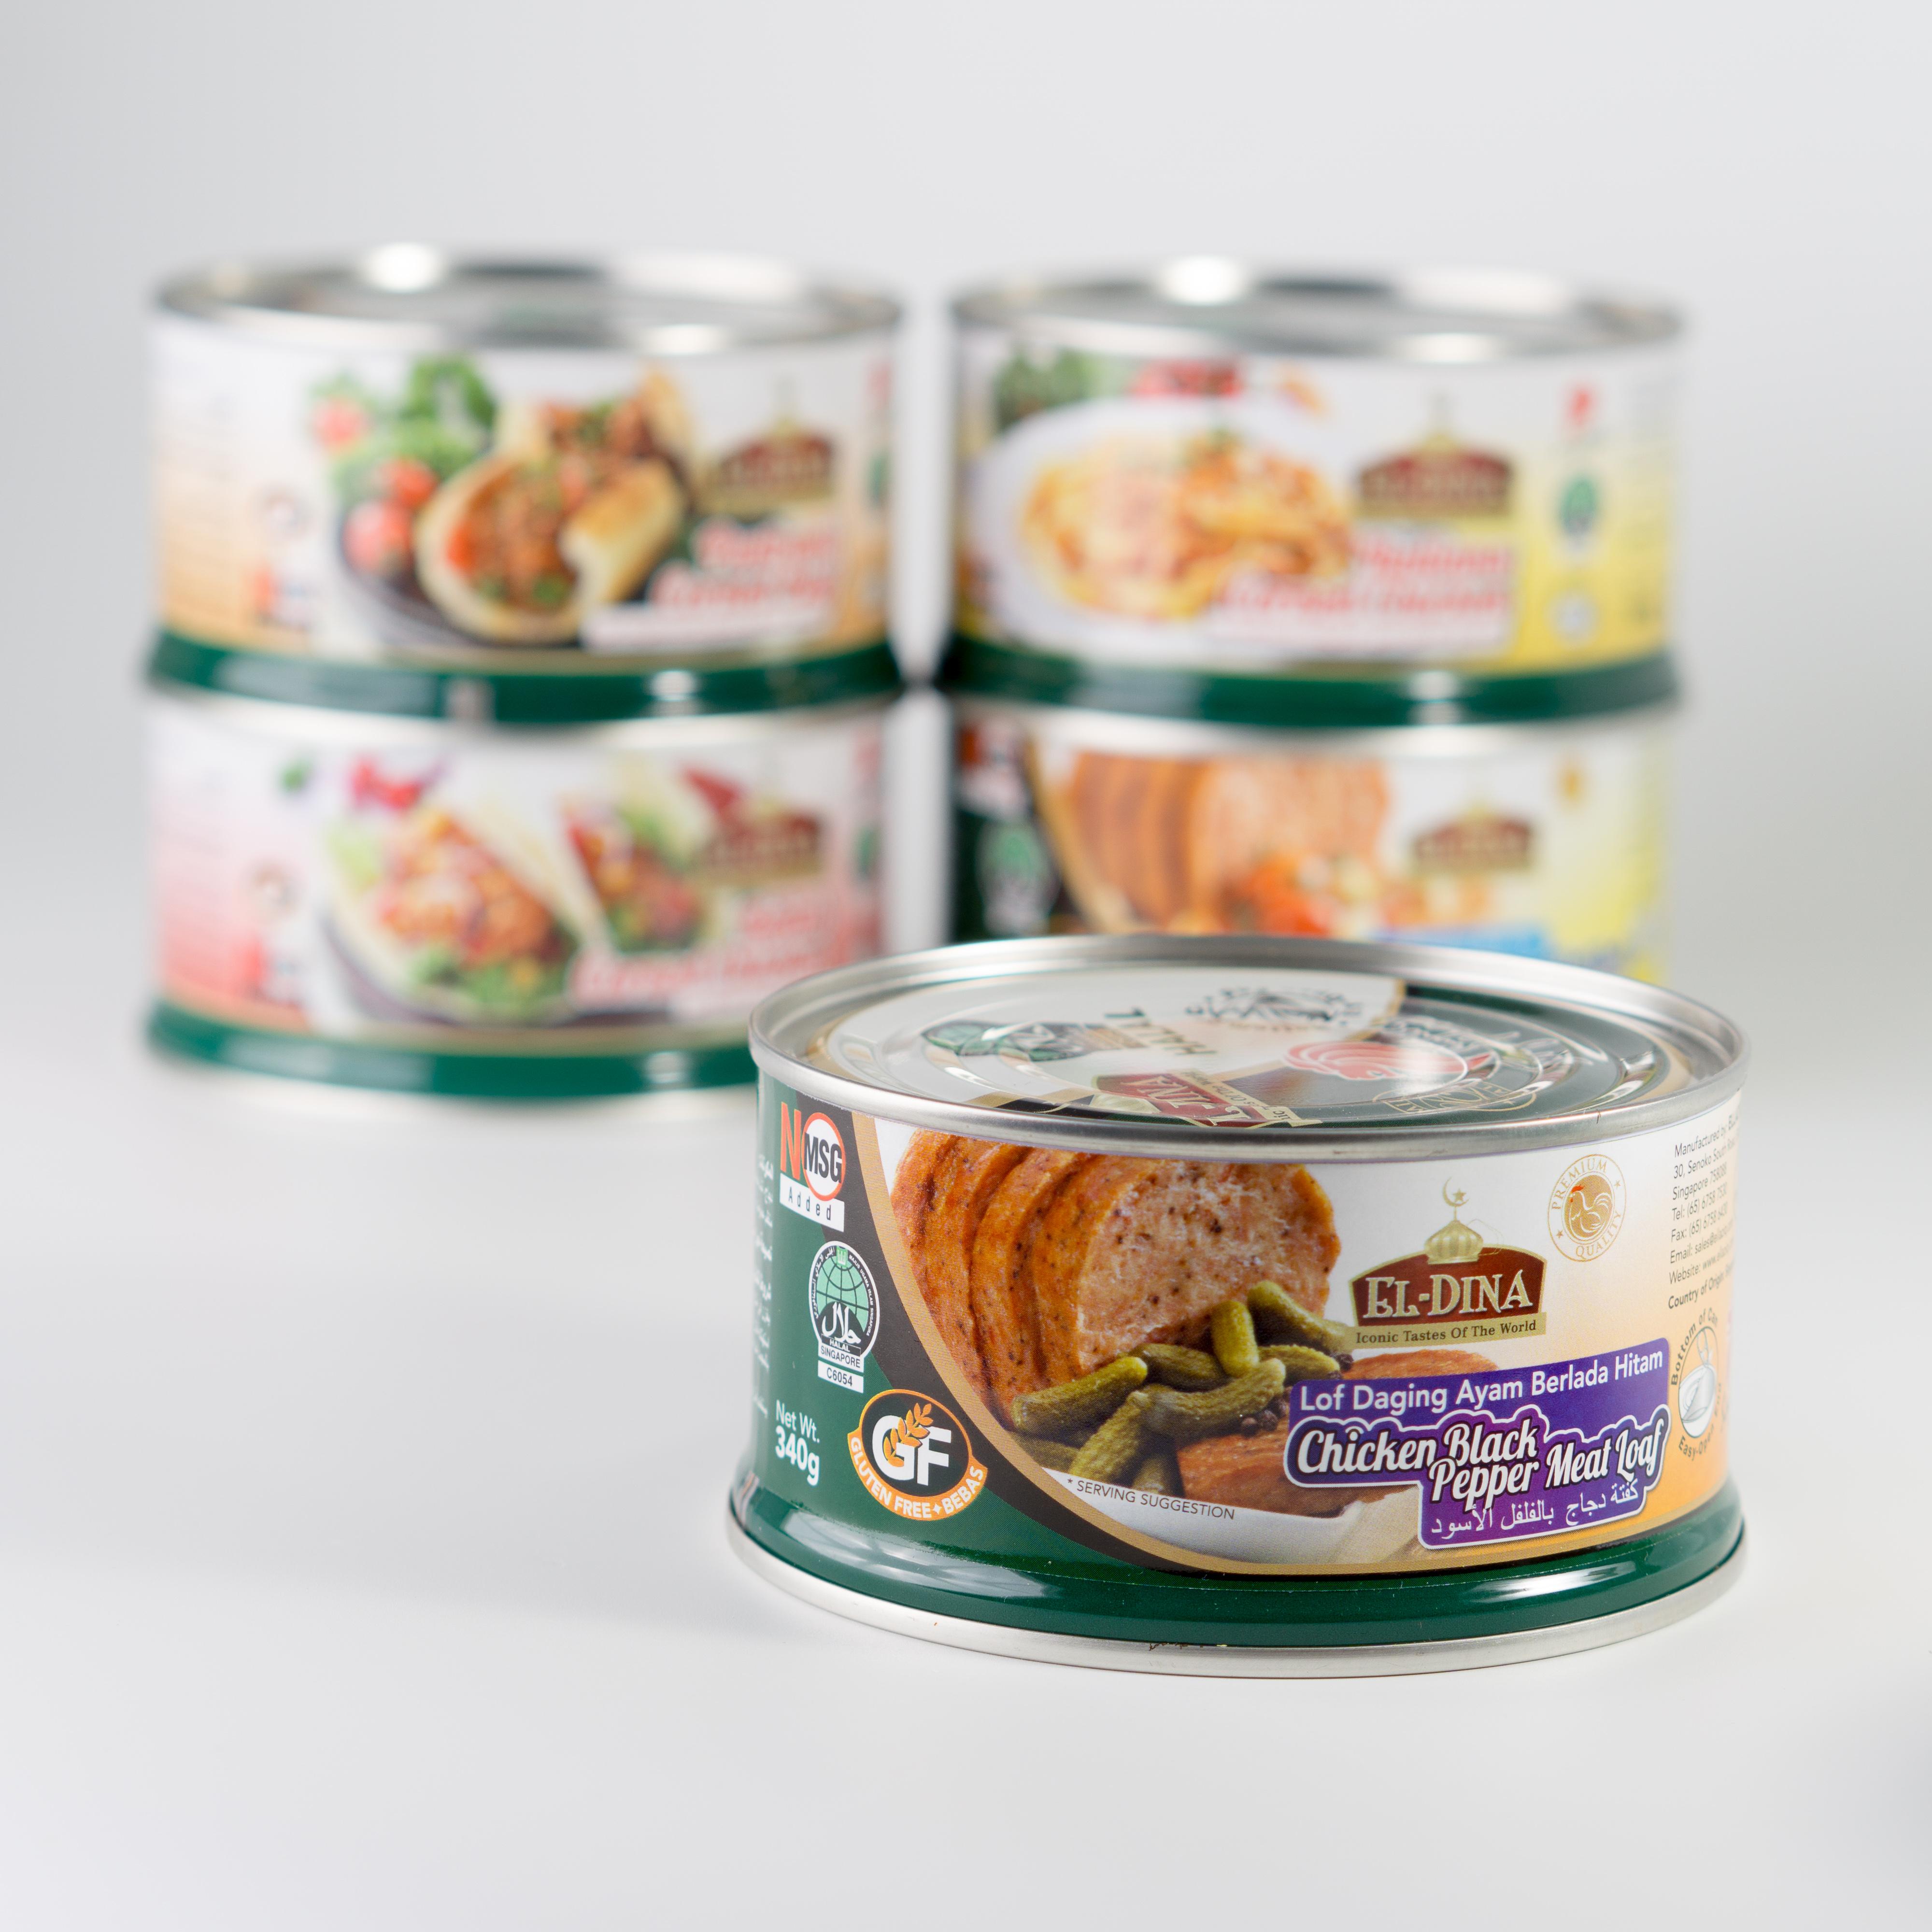 El-Dina Chicken Meat Loaf – Black Pepper | Singapore Manufacturing